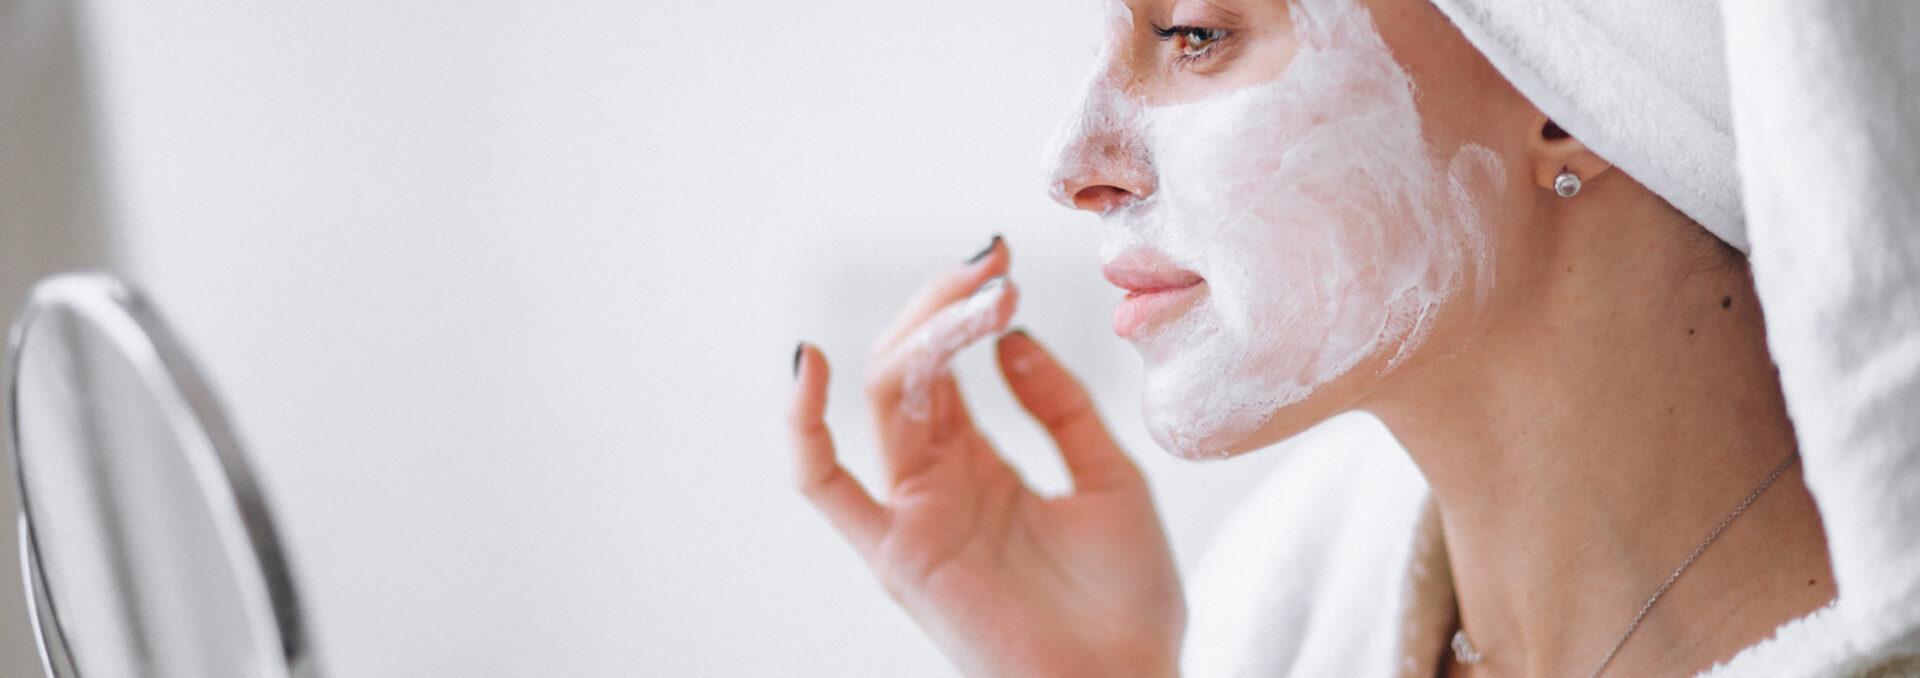 Натуральная косметика, средства по уходу за телом, соль для ванн, натуральное мыло, крема, личная гигиена..